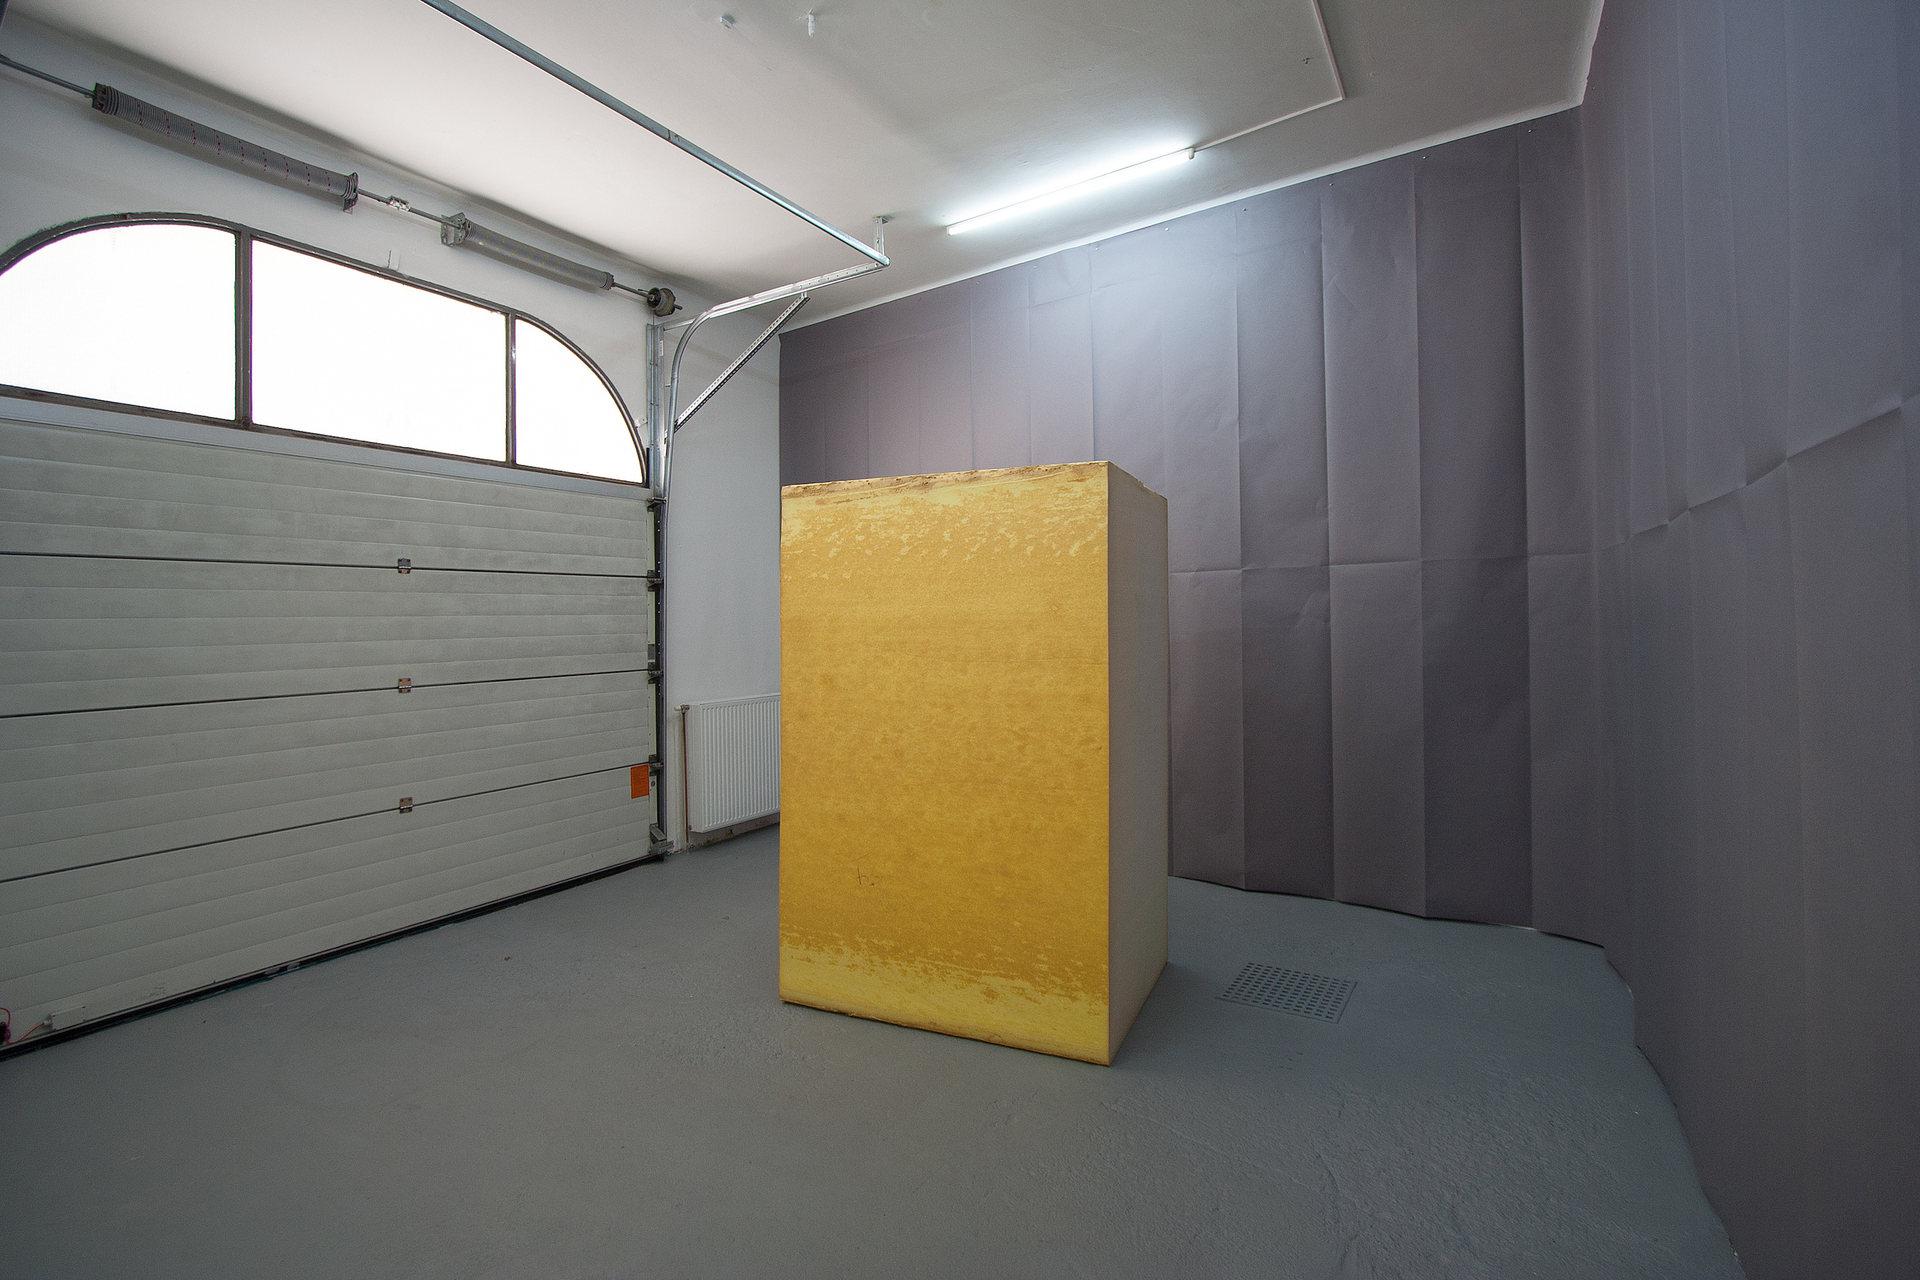 #7-Gerber_McArthur_Nutt_-final-installation-view